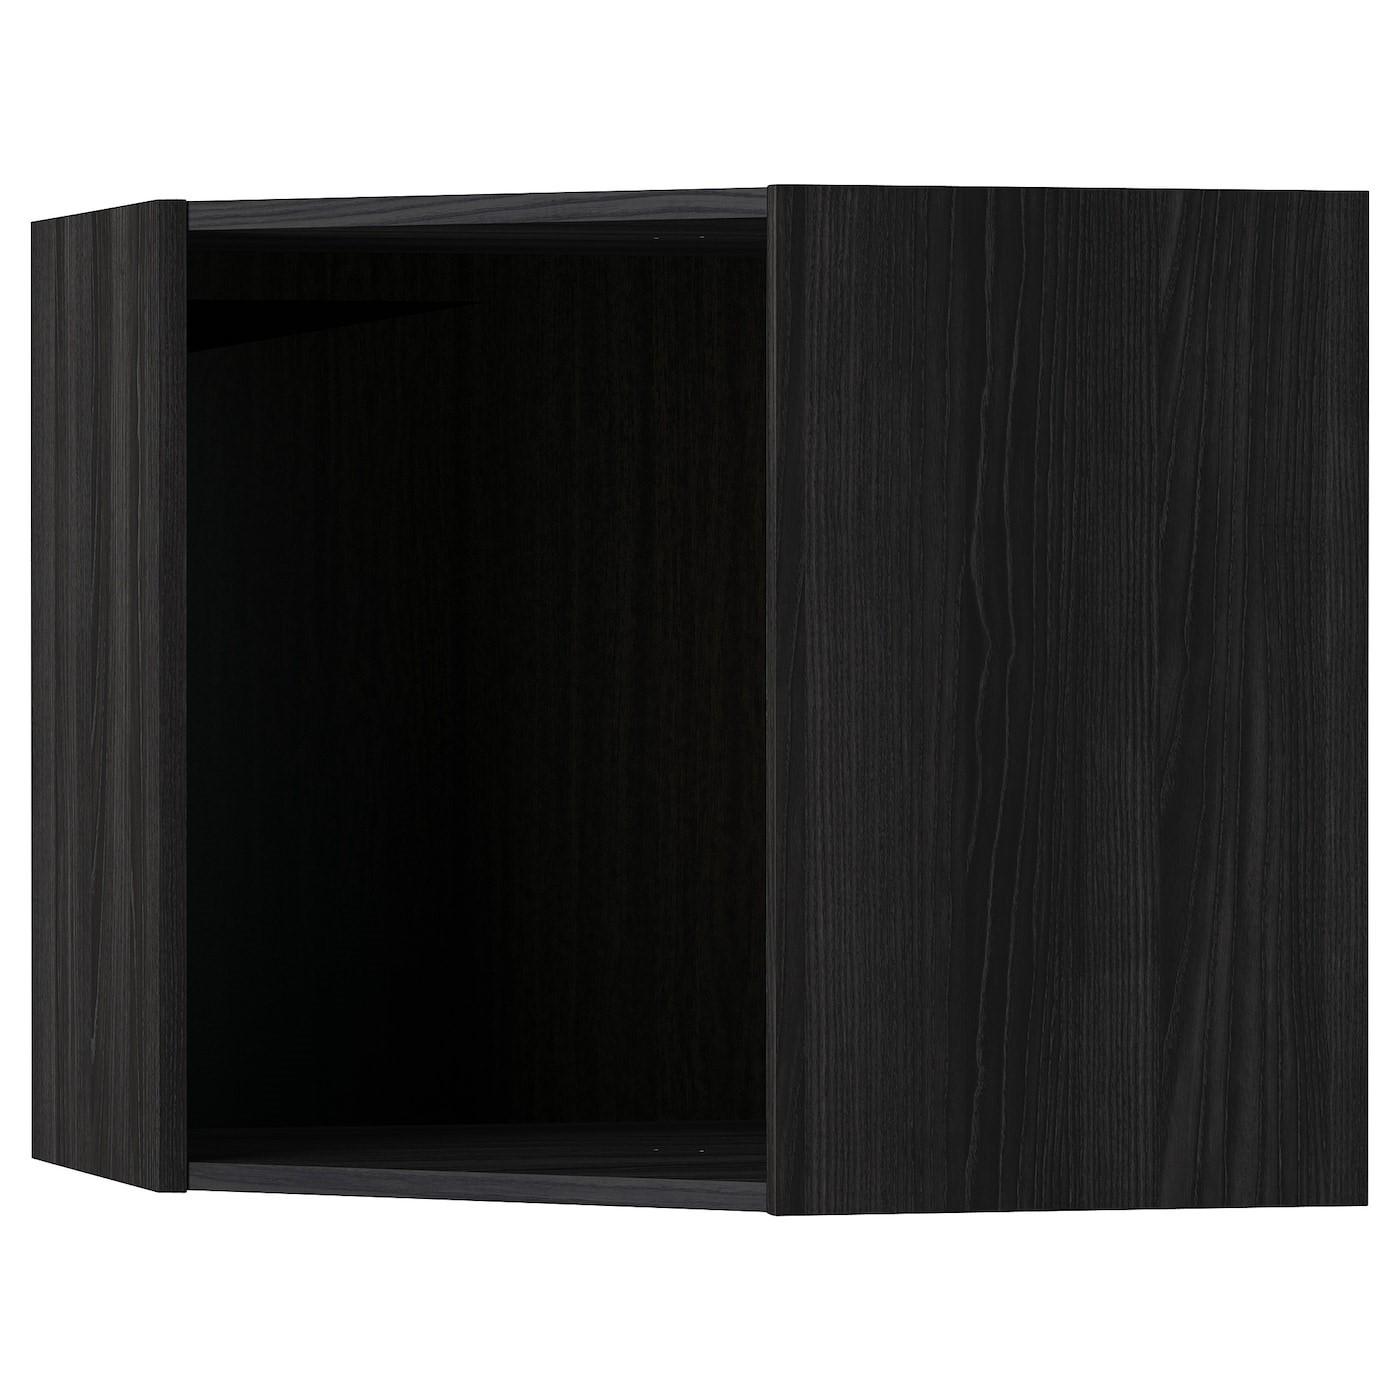 IKEA METOD каркас навесного углового шкафа под дерево черный 67.5x67.5x60 см 602.056.59